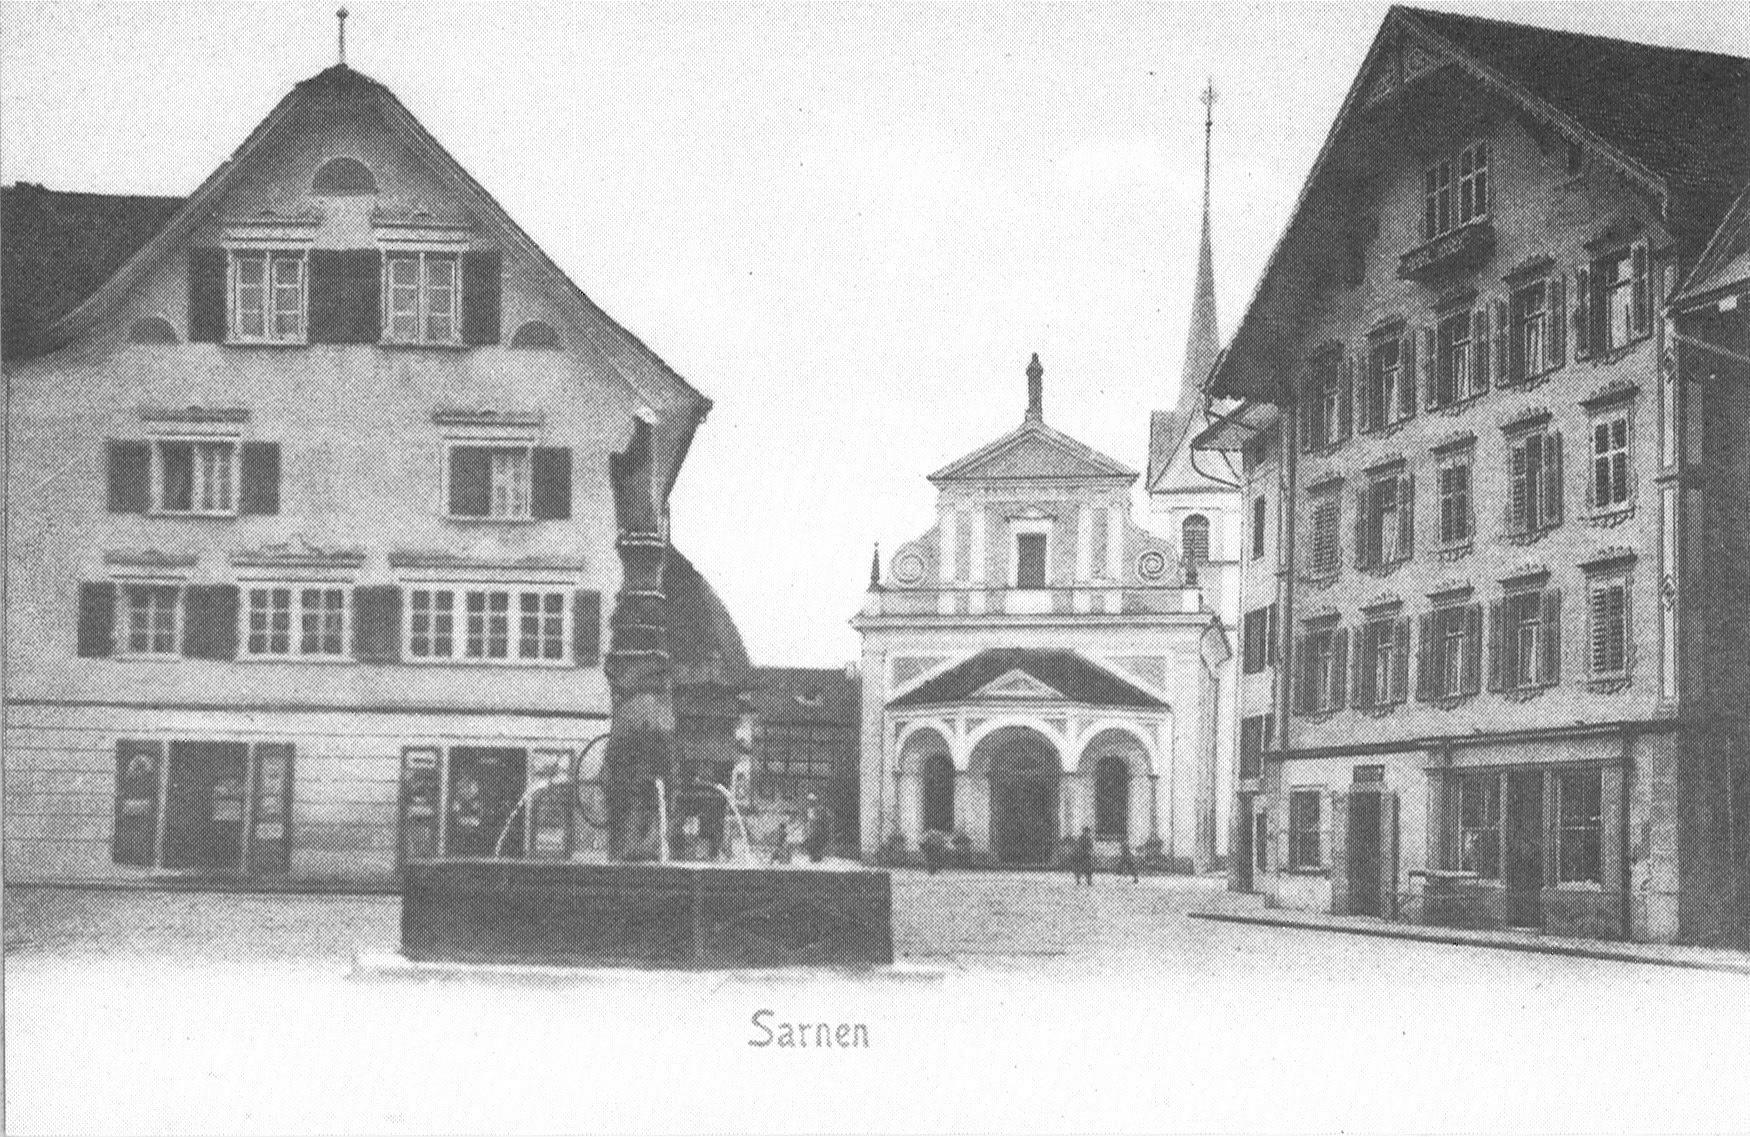 Geschichte Hotel Krone Sarnen